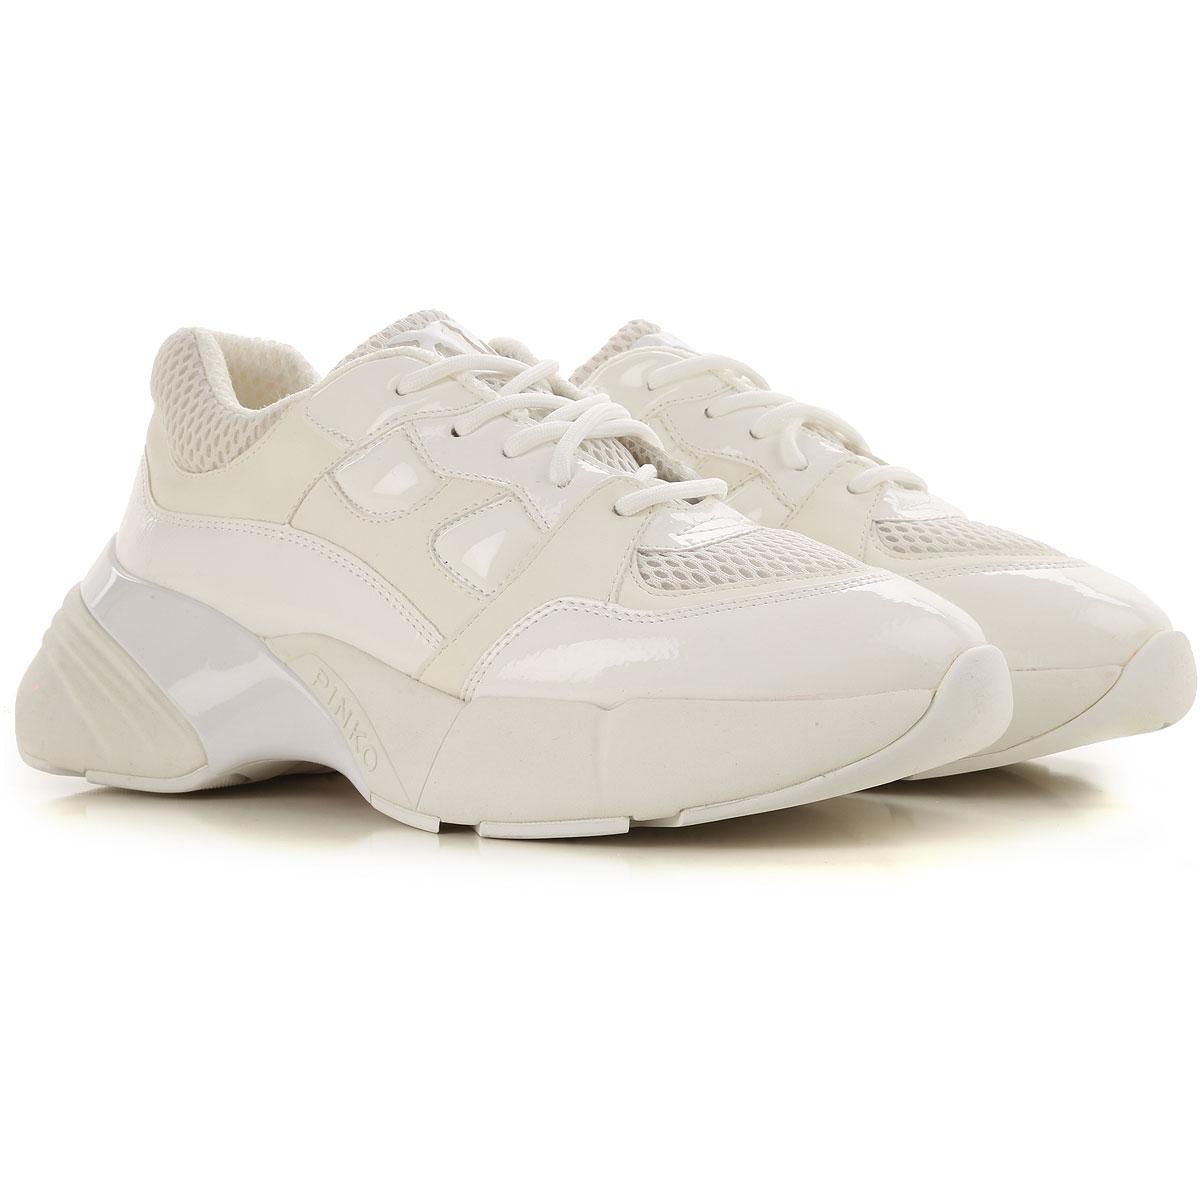 da08e697d08 Womens Shoes Pinko, Style code: 1h20lsy5bp-z04-rubino